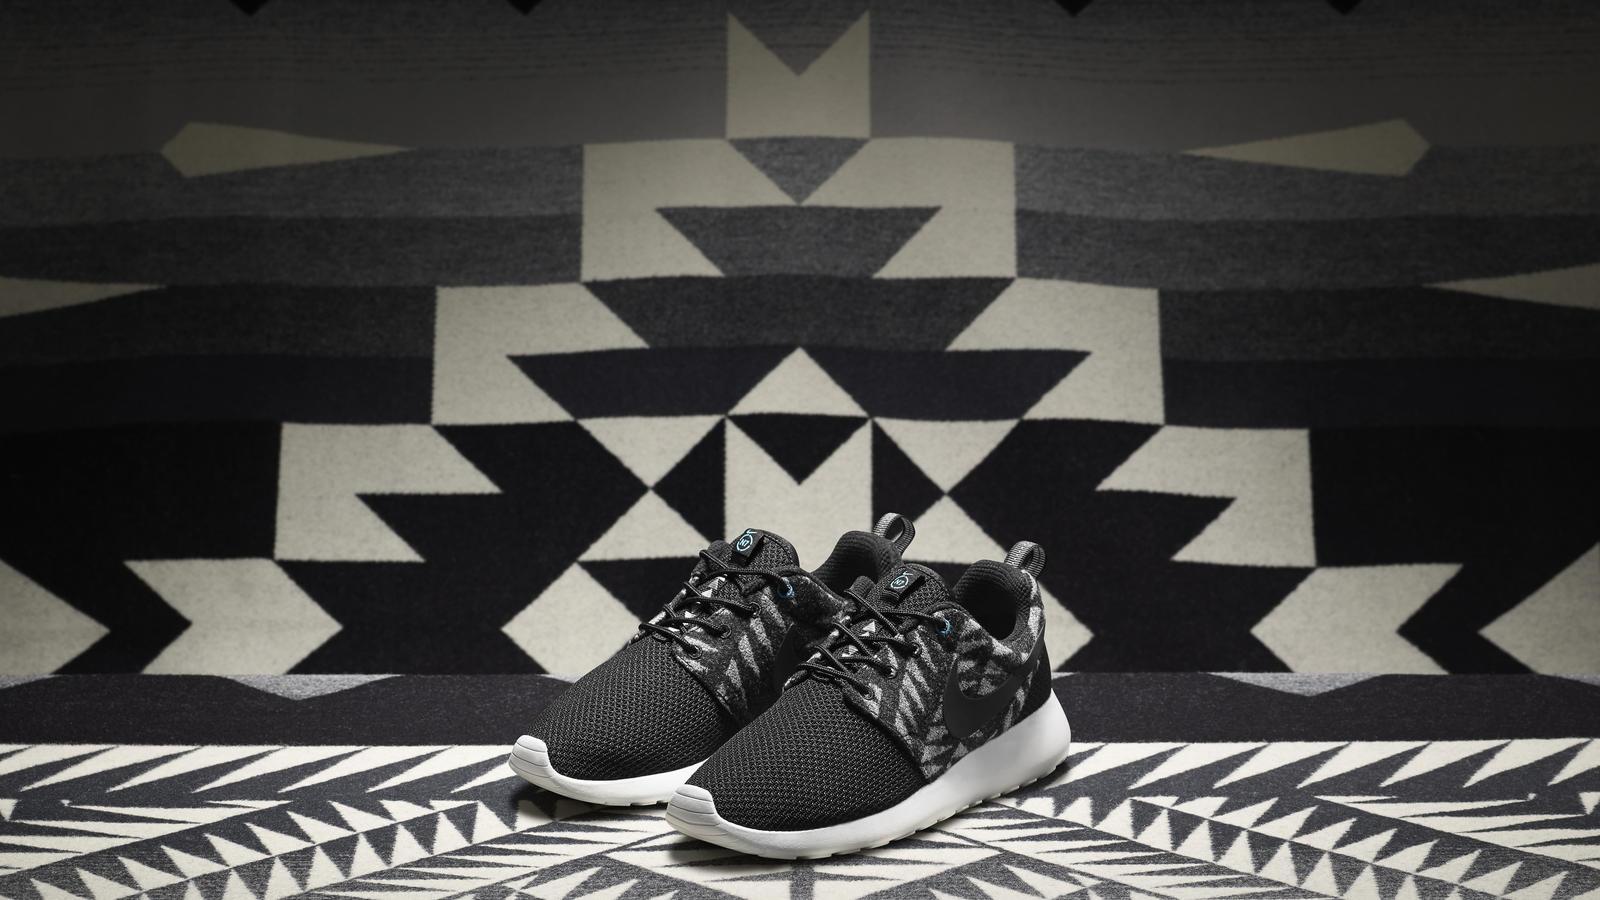 Nike N7 And Pendleton Woolen Mills Partner To Create Nike N7